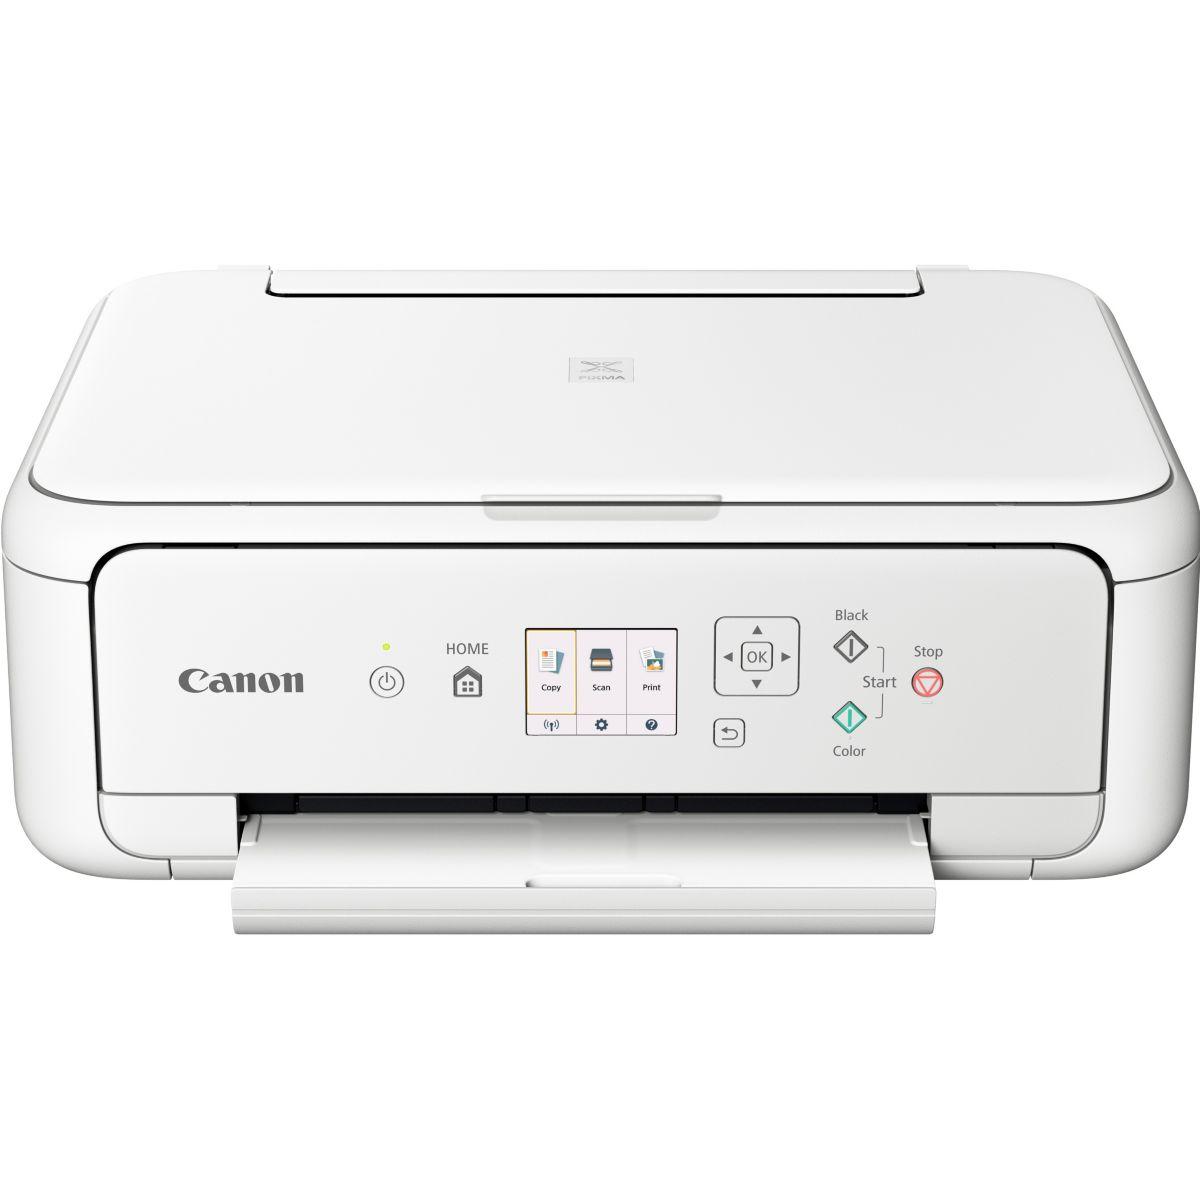 Imprimante jet d'encre CANON TS 5151 Blanc (photo)